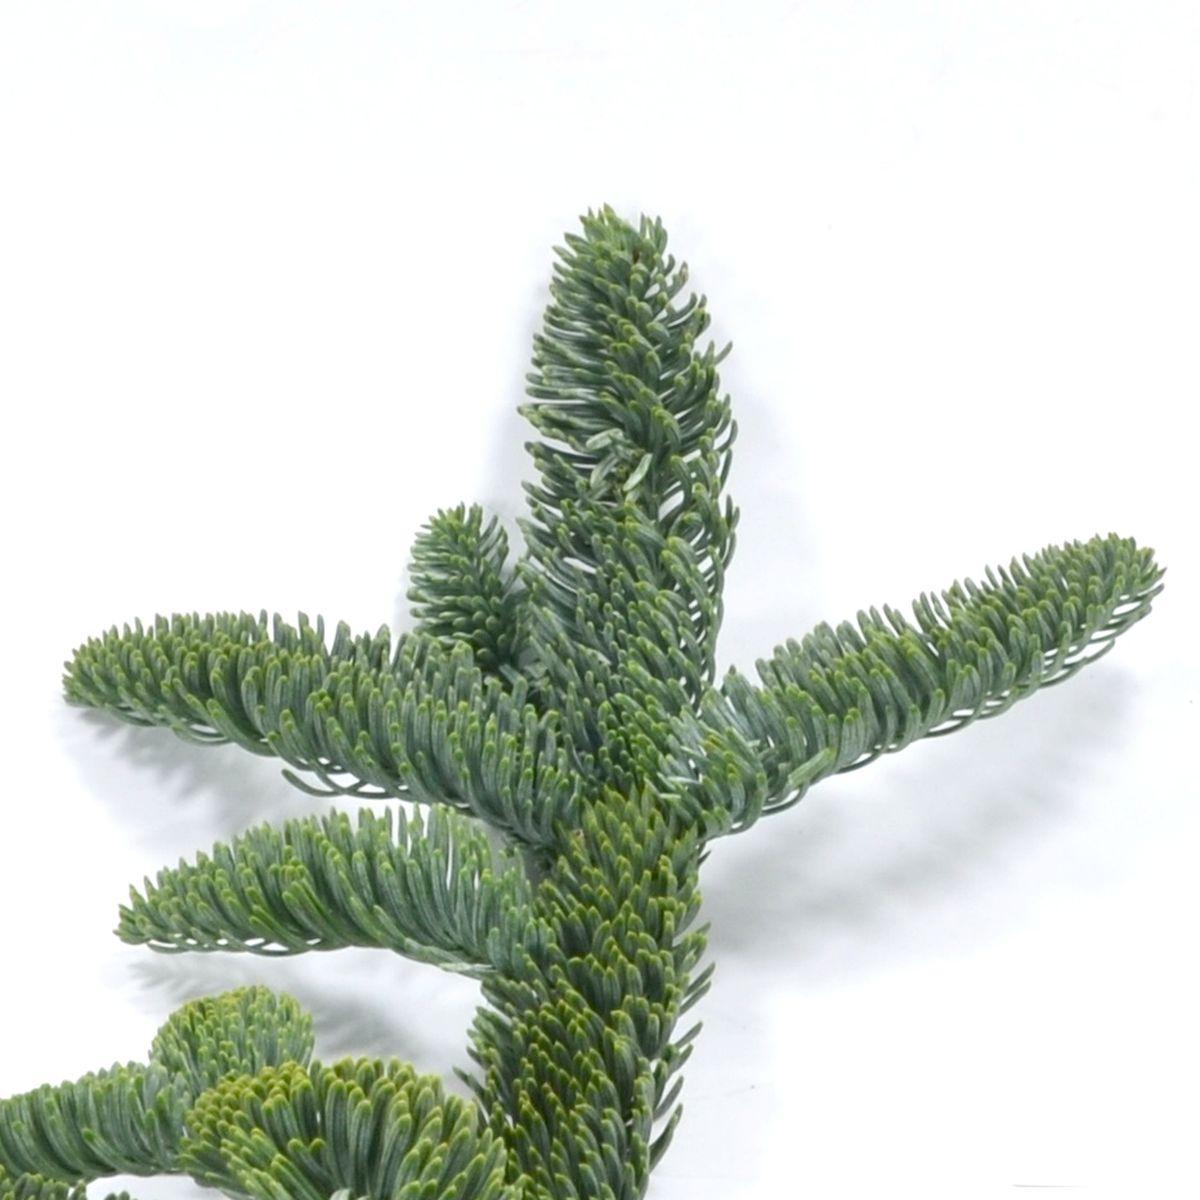 Weihnachtsbaumsorten im Vergleich: Die Nobilistanne